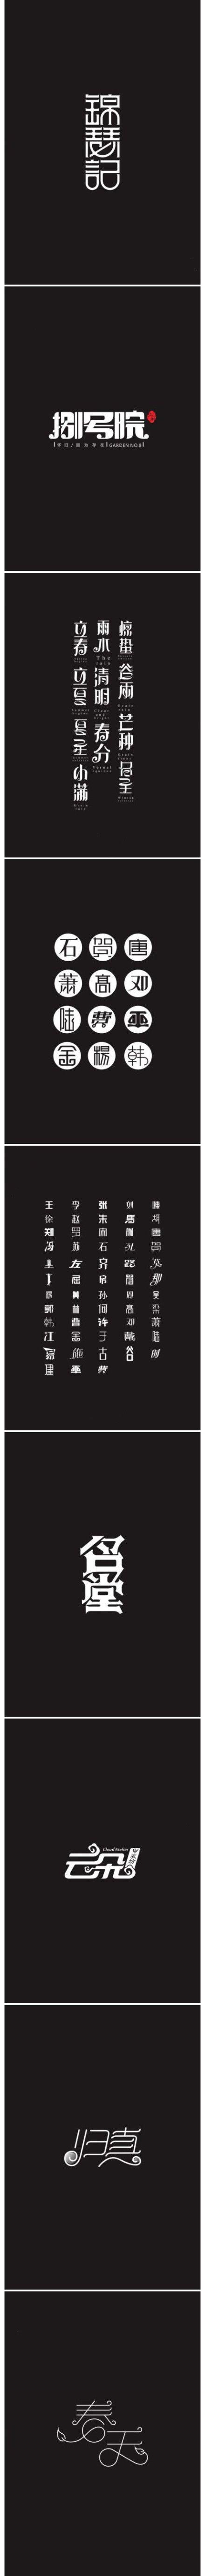 中文字体设计分享!发现字体之美!by- ...